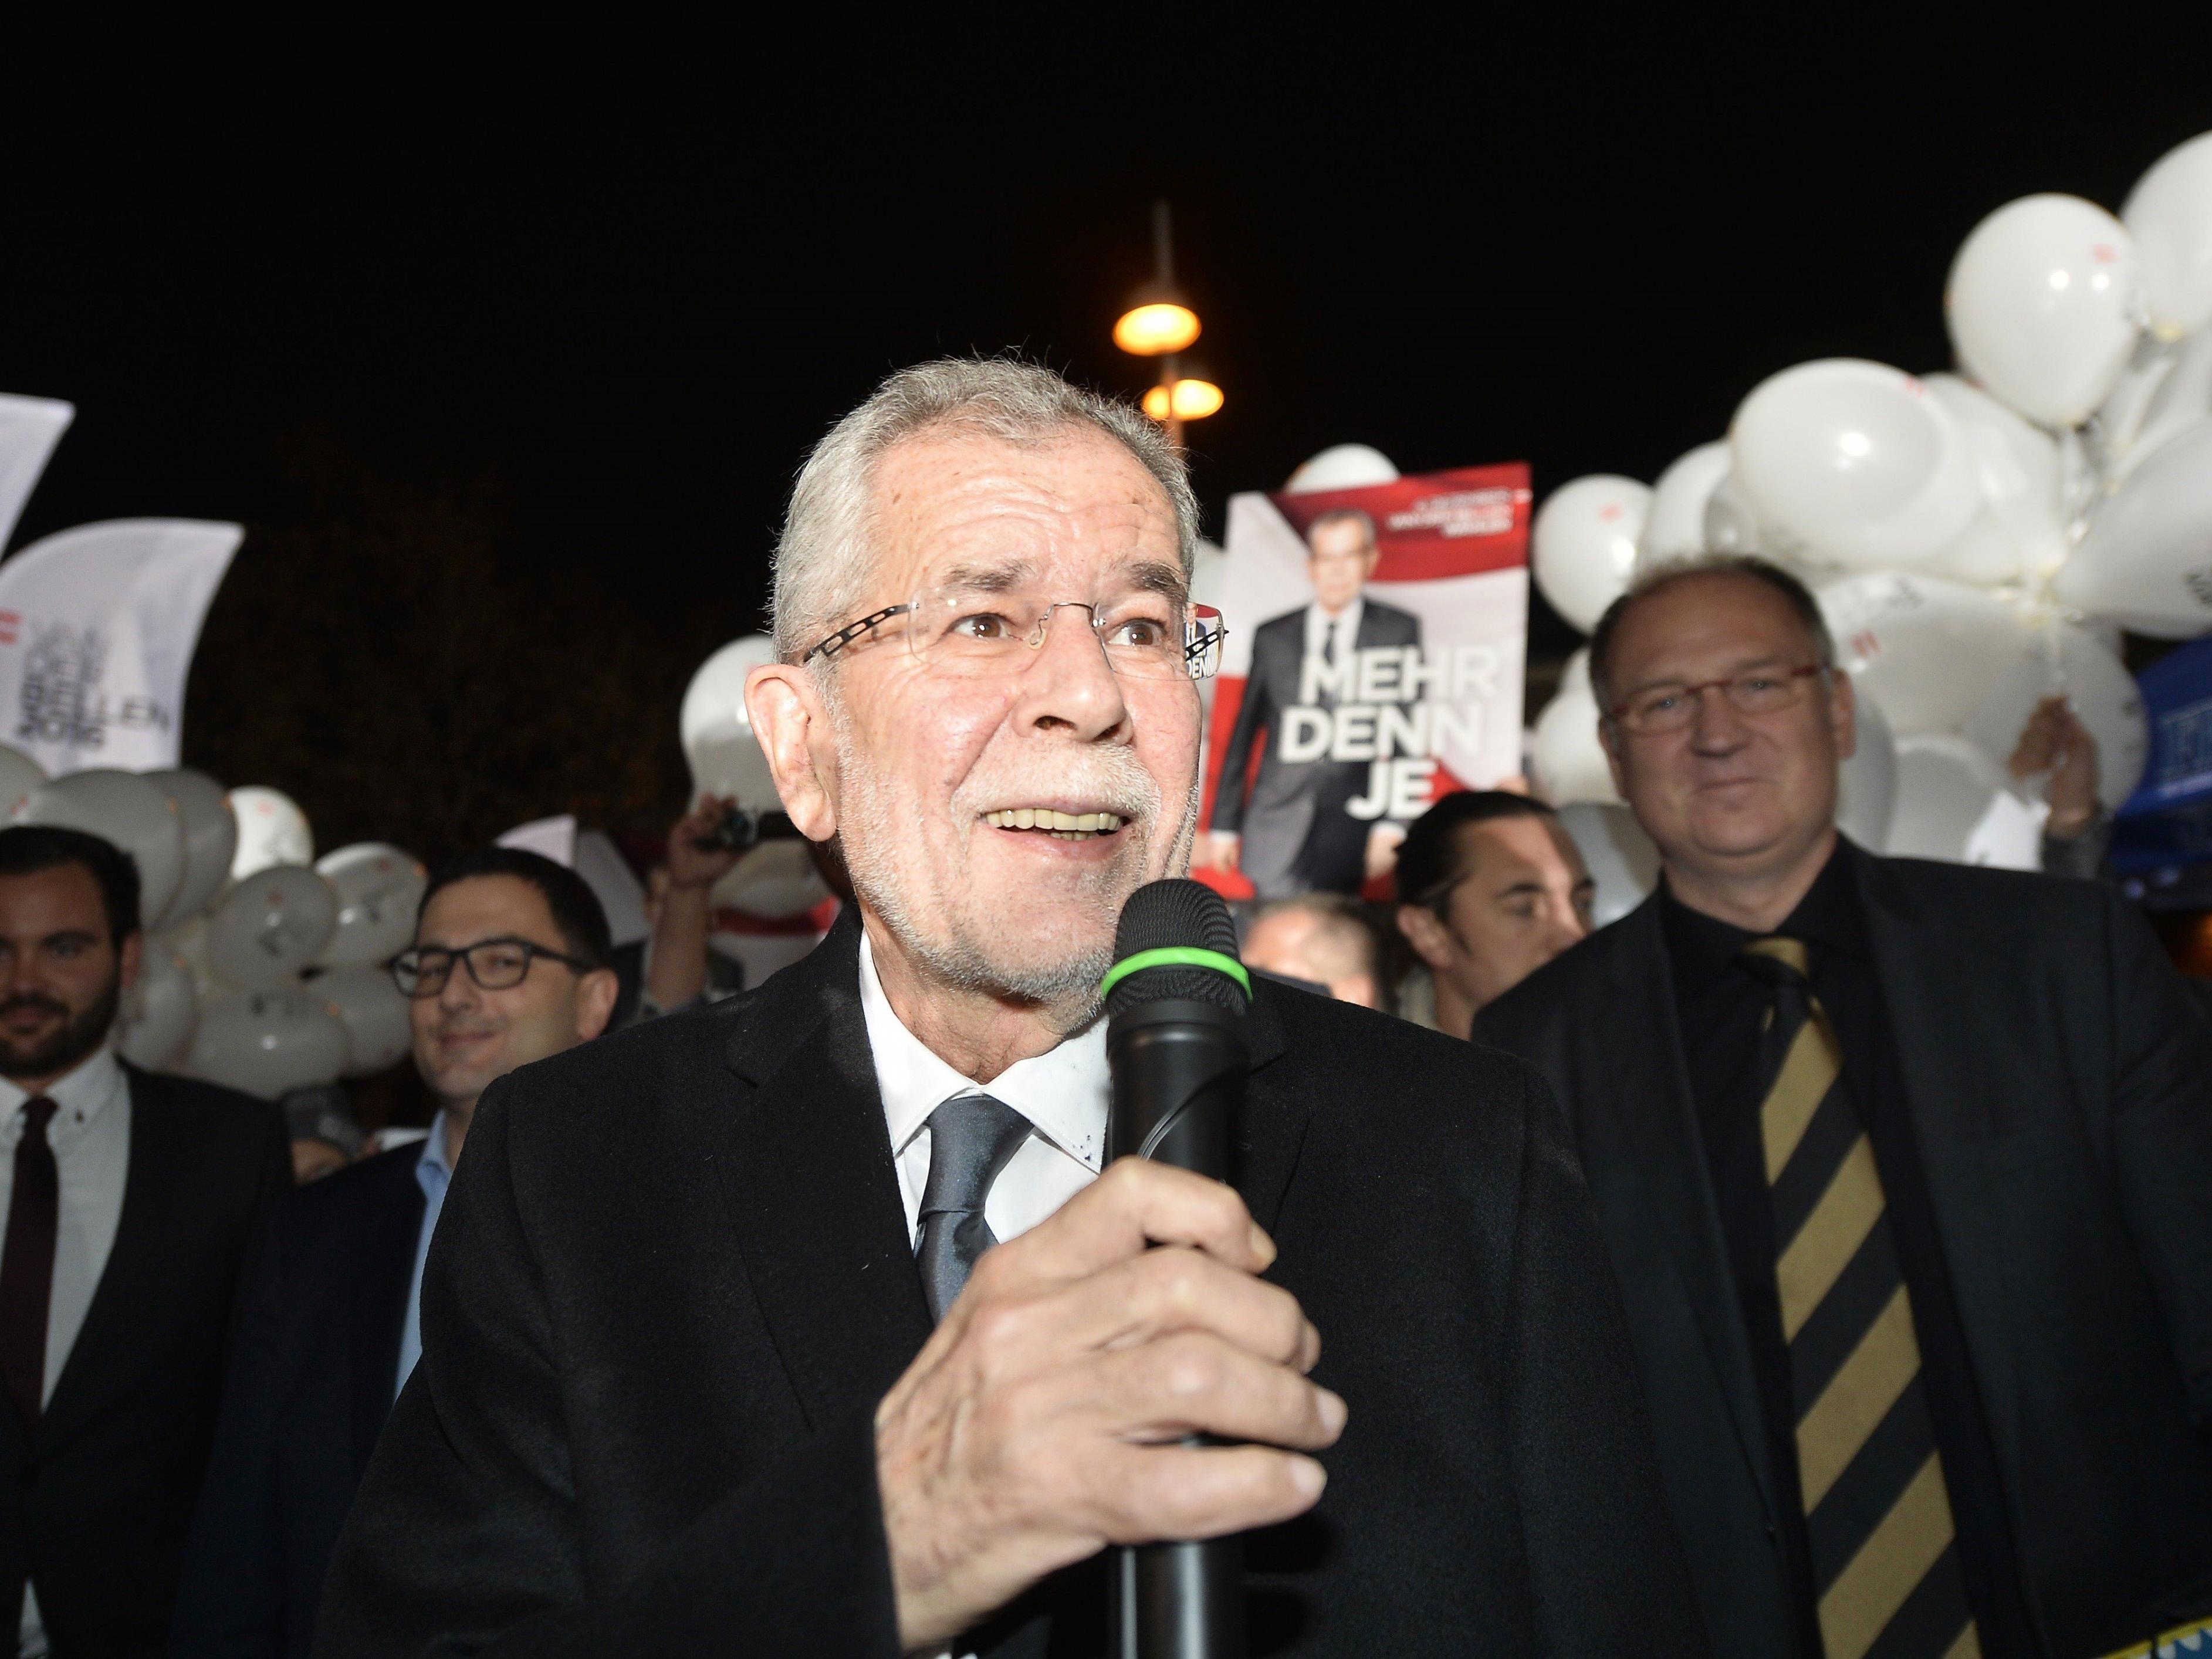 Präsidentschaftskandidat Alexander van der Bellen wird von der FPÖ angegriffen